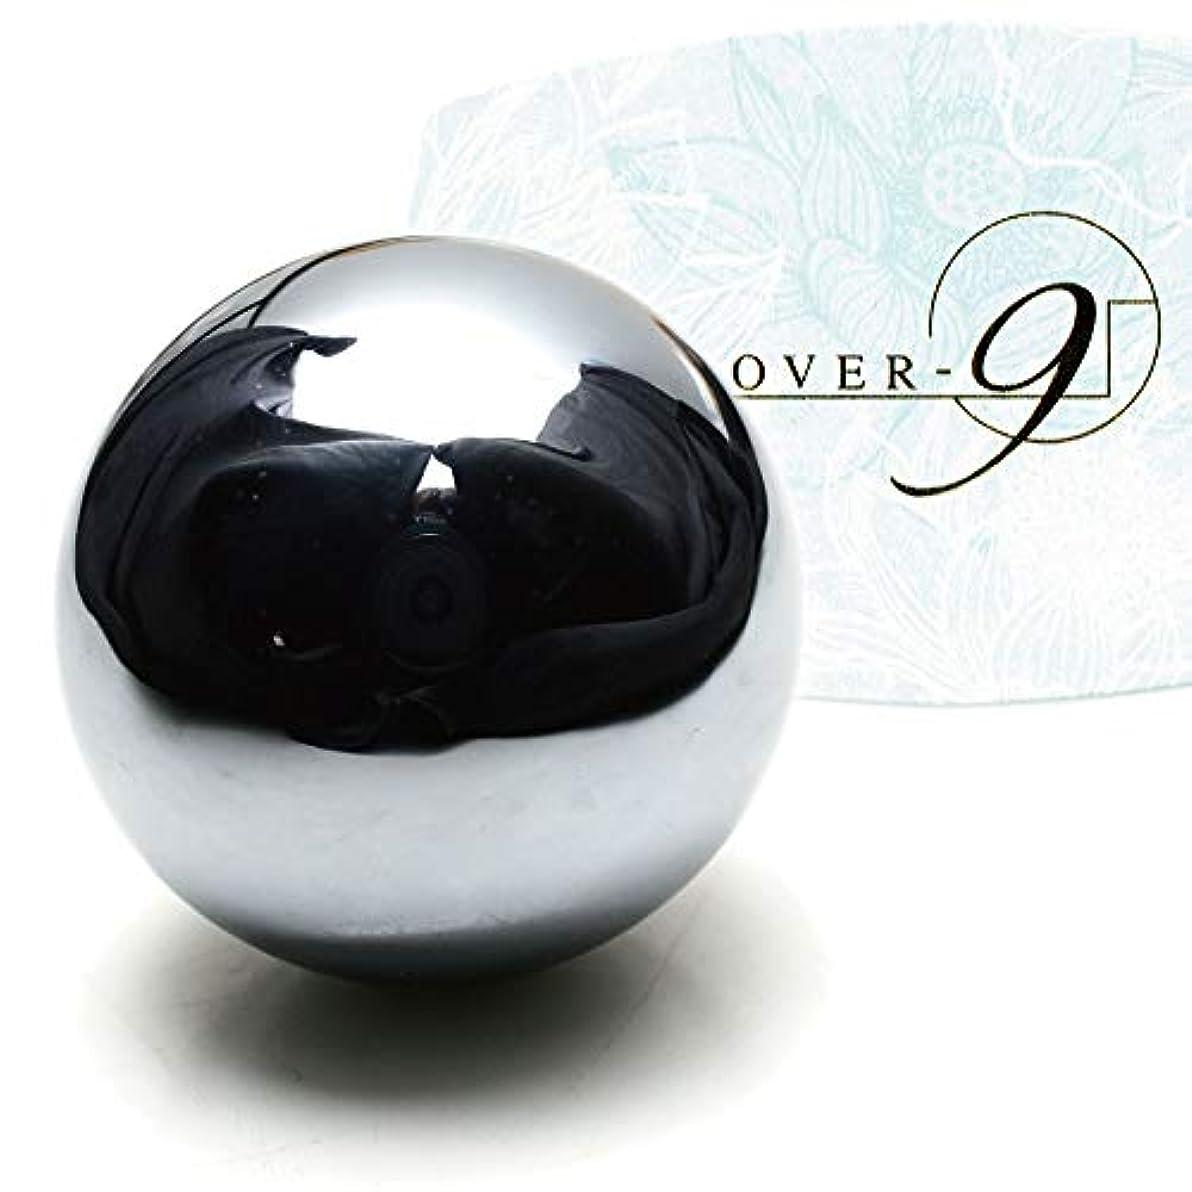 テラヘルツ ボール 30mm 丸玉 マッサージボール 公的機関にて検査済み!パワーストーン 天然石 健康 美容 美顔 かっさ グッズ